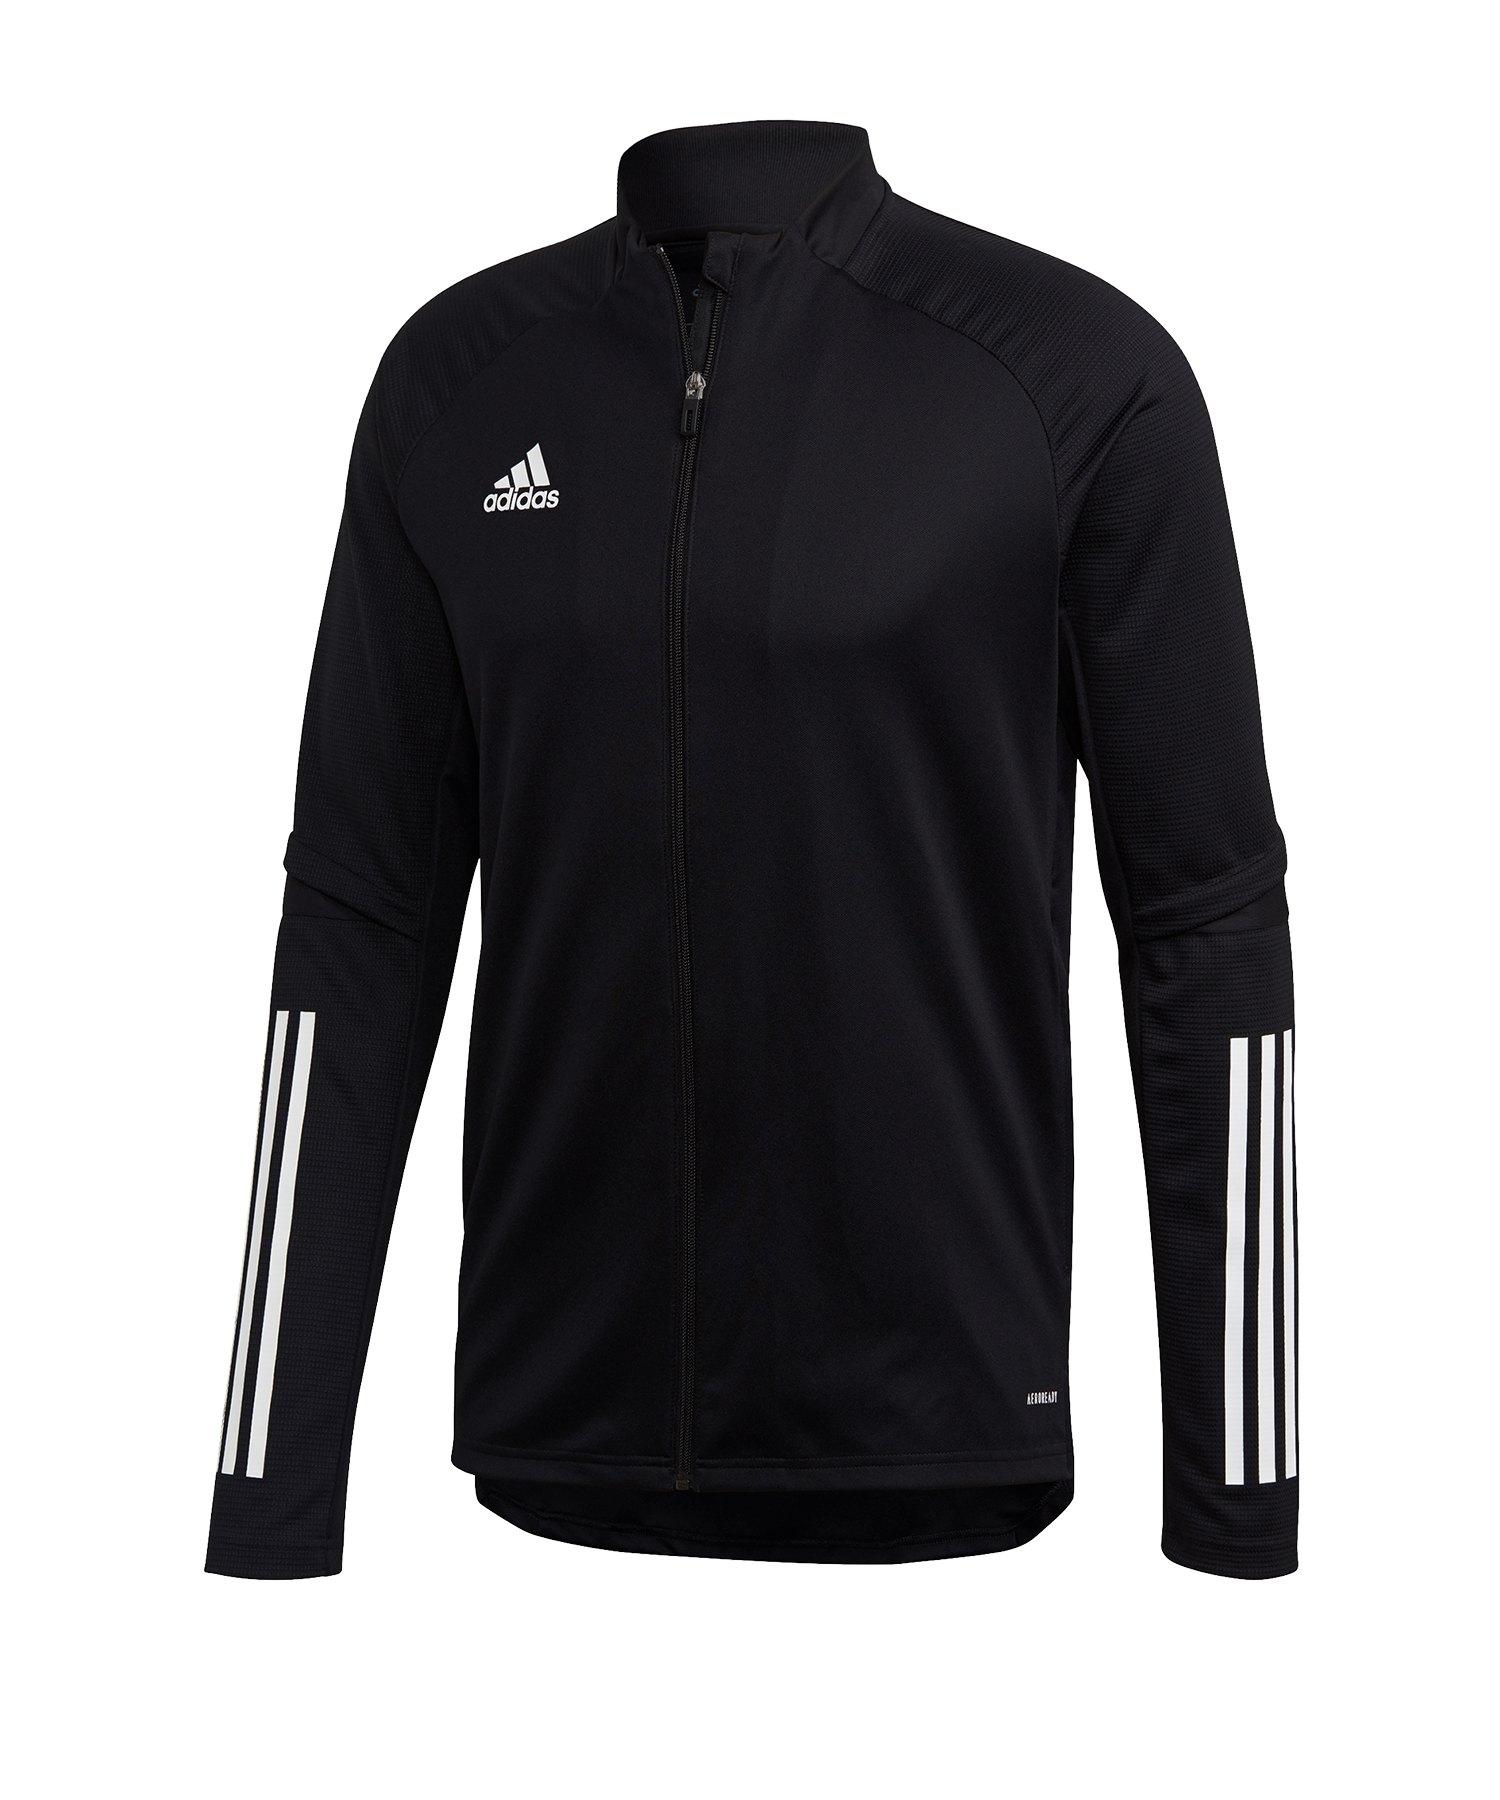 adidas Condivo 20 Trainingsjacke Schwarz - schwarz